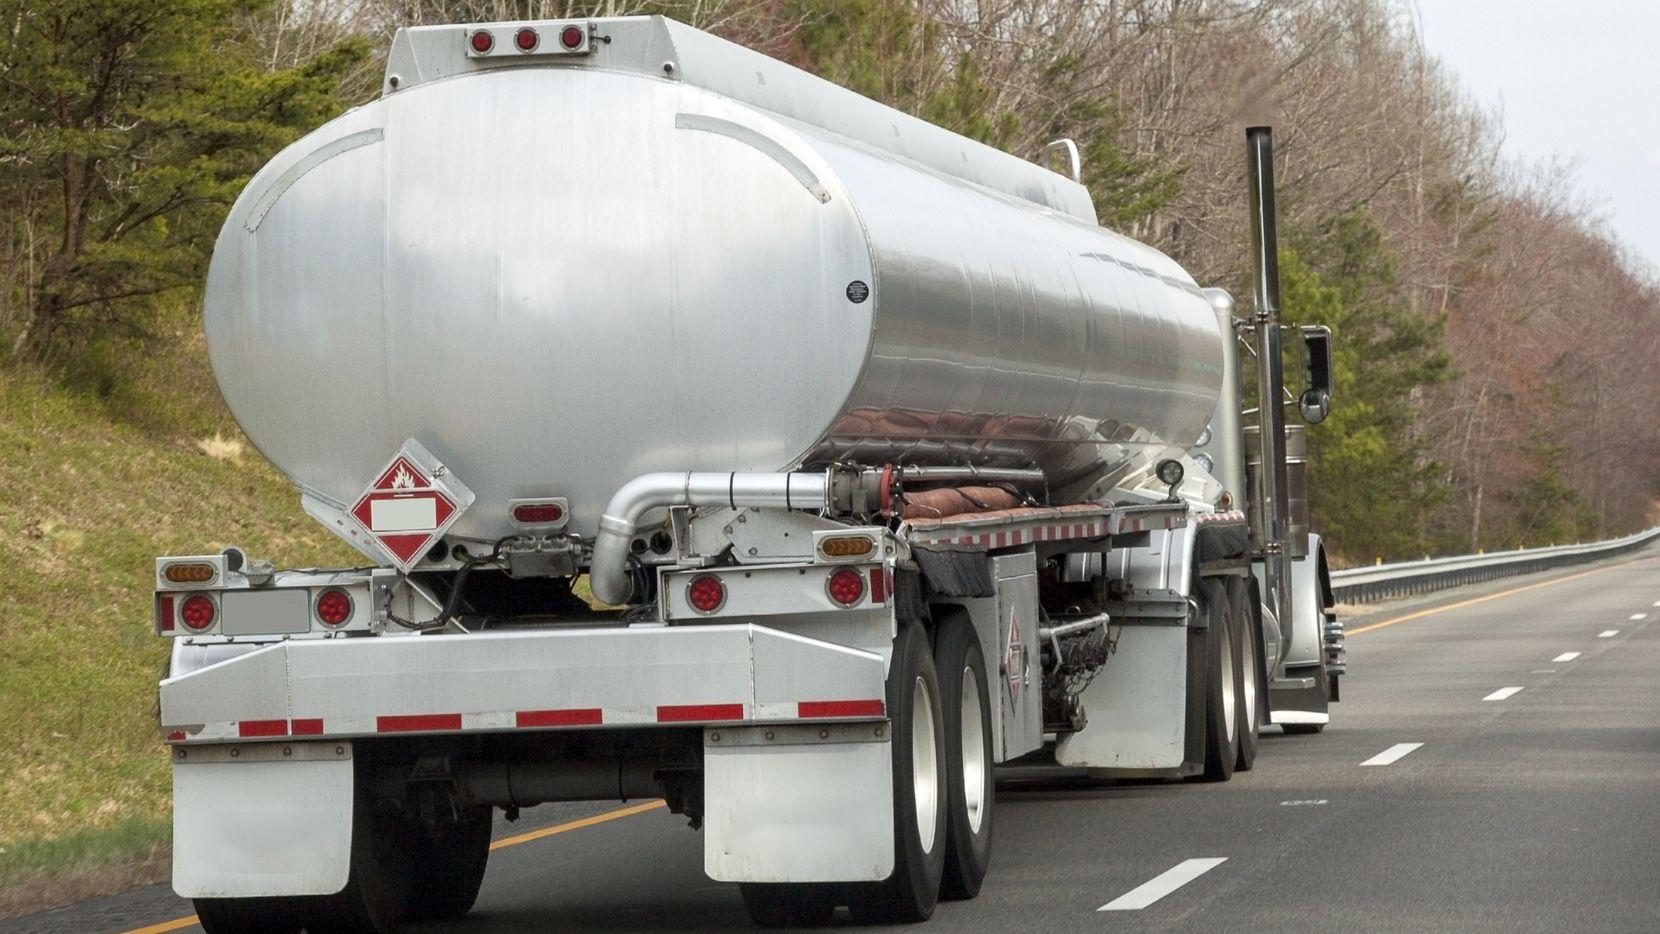 Las autoridades locales y federales buscan en Texas un camión cisterna color blanco (no el de la imagen), donde aparentemente viajaba un grupo de alrededor de 80 inmigrantes indocumentados que llamaron al 911 pidiendo auxilio porque se quedaban sin aire.